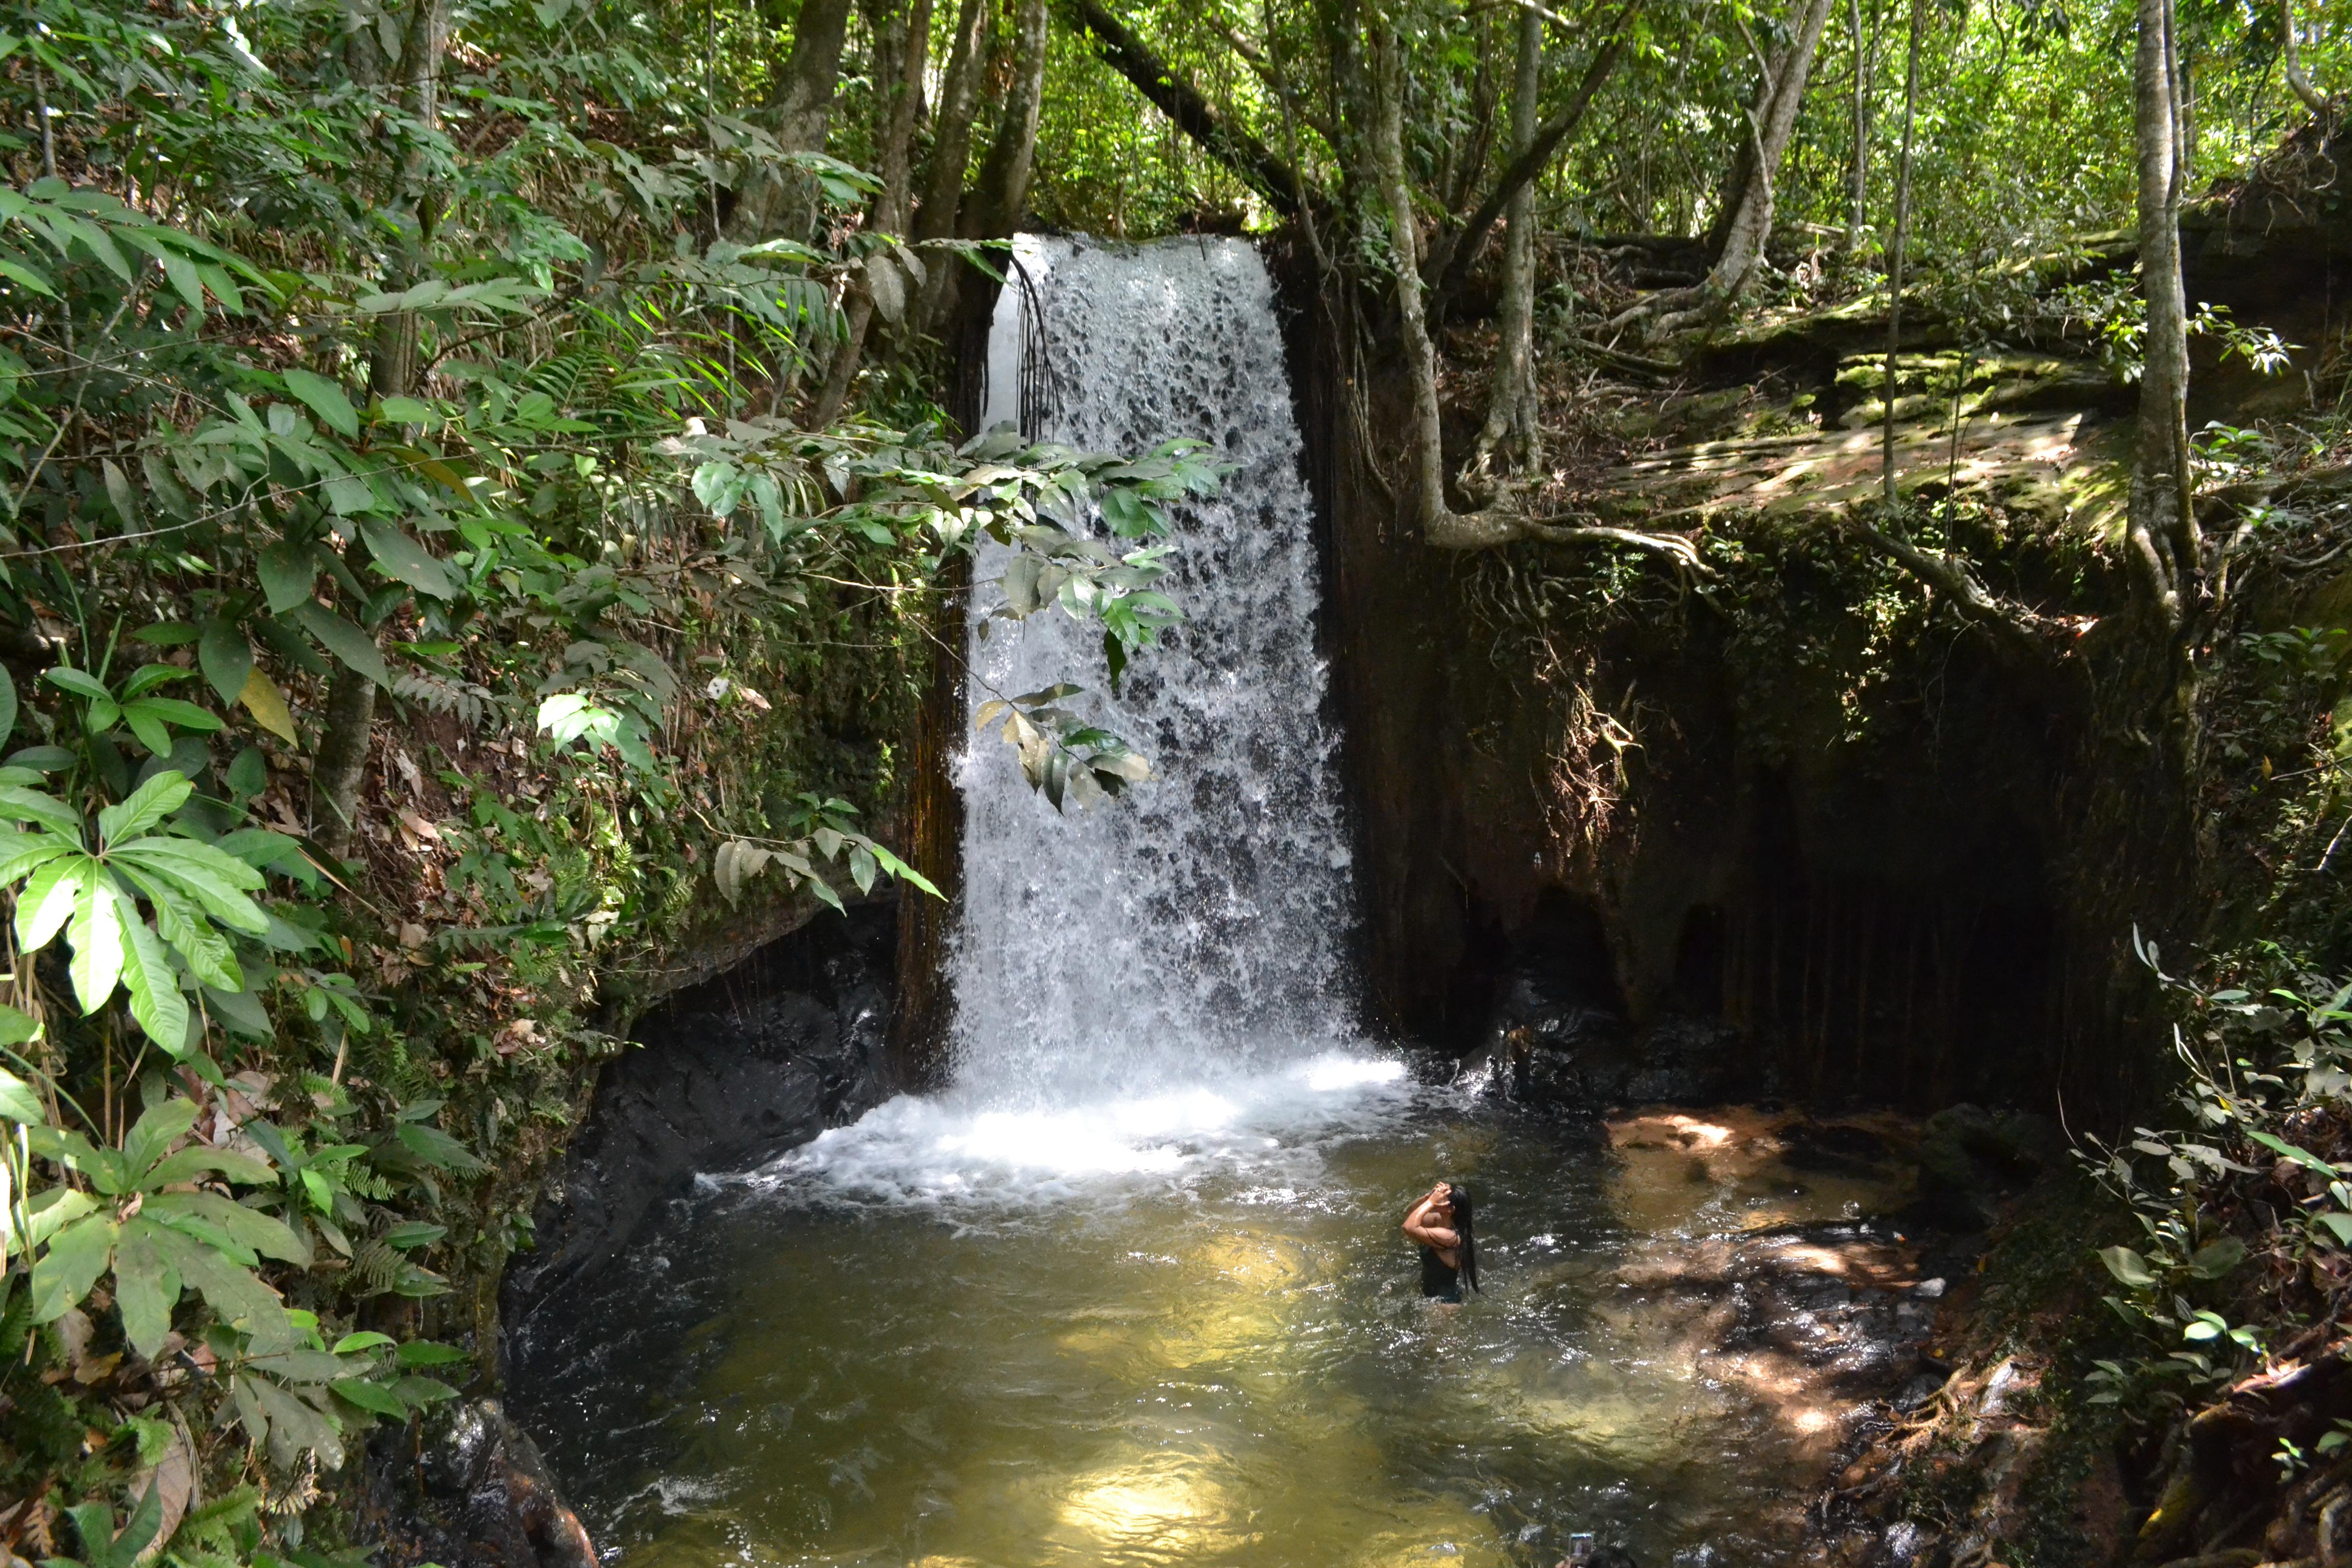 Cachoeira do Porteira: banho revigorante